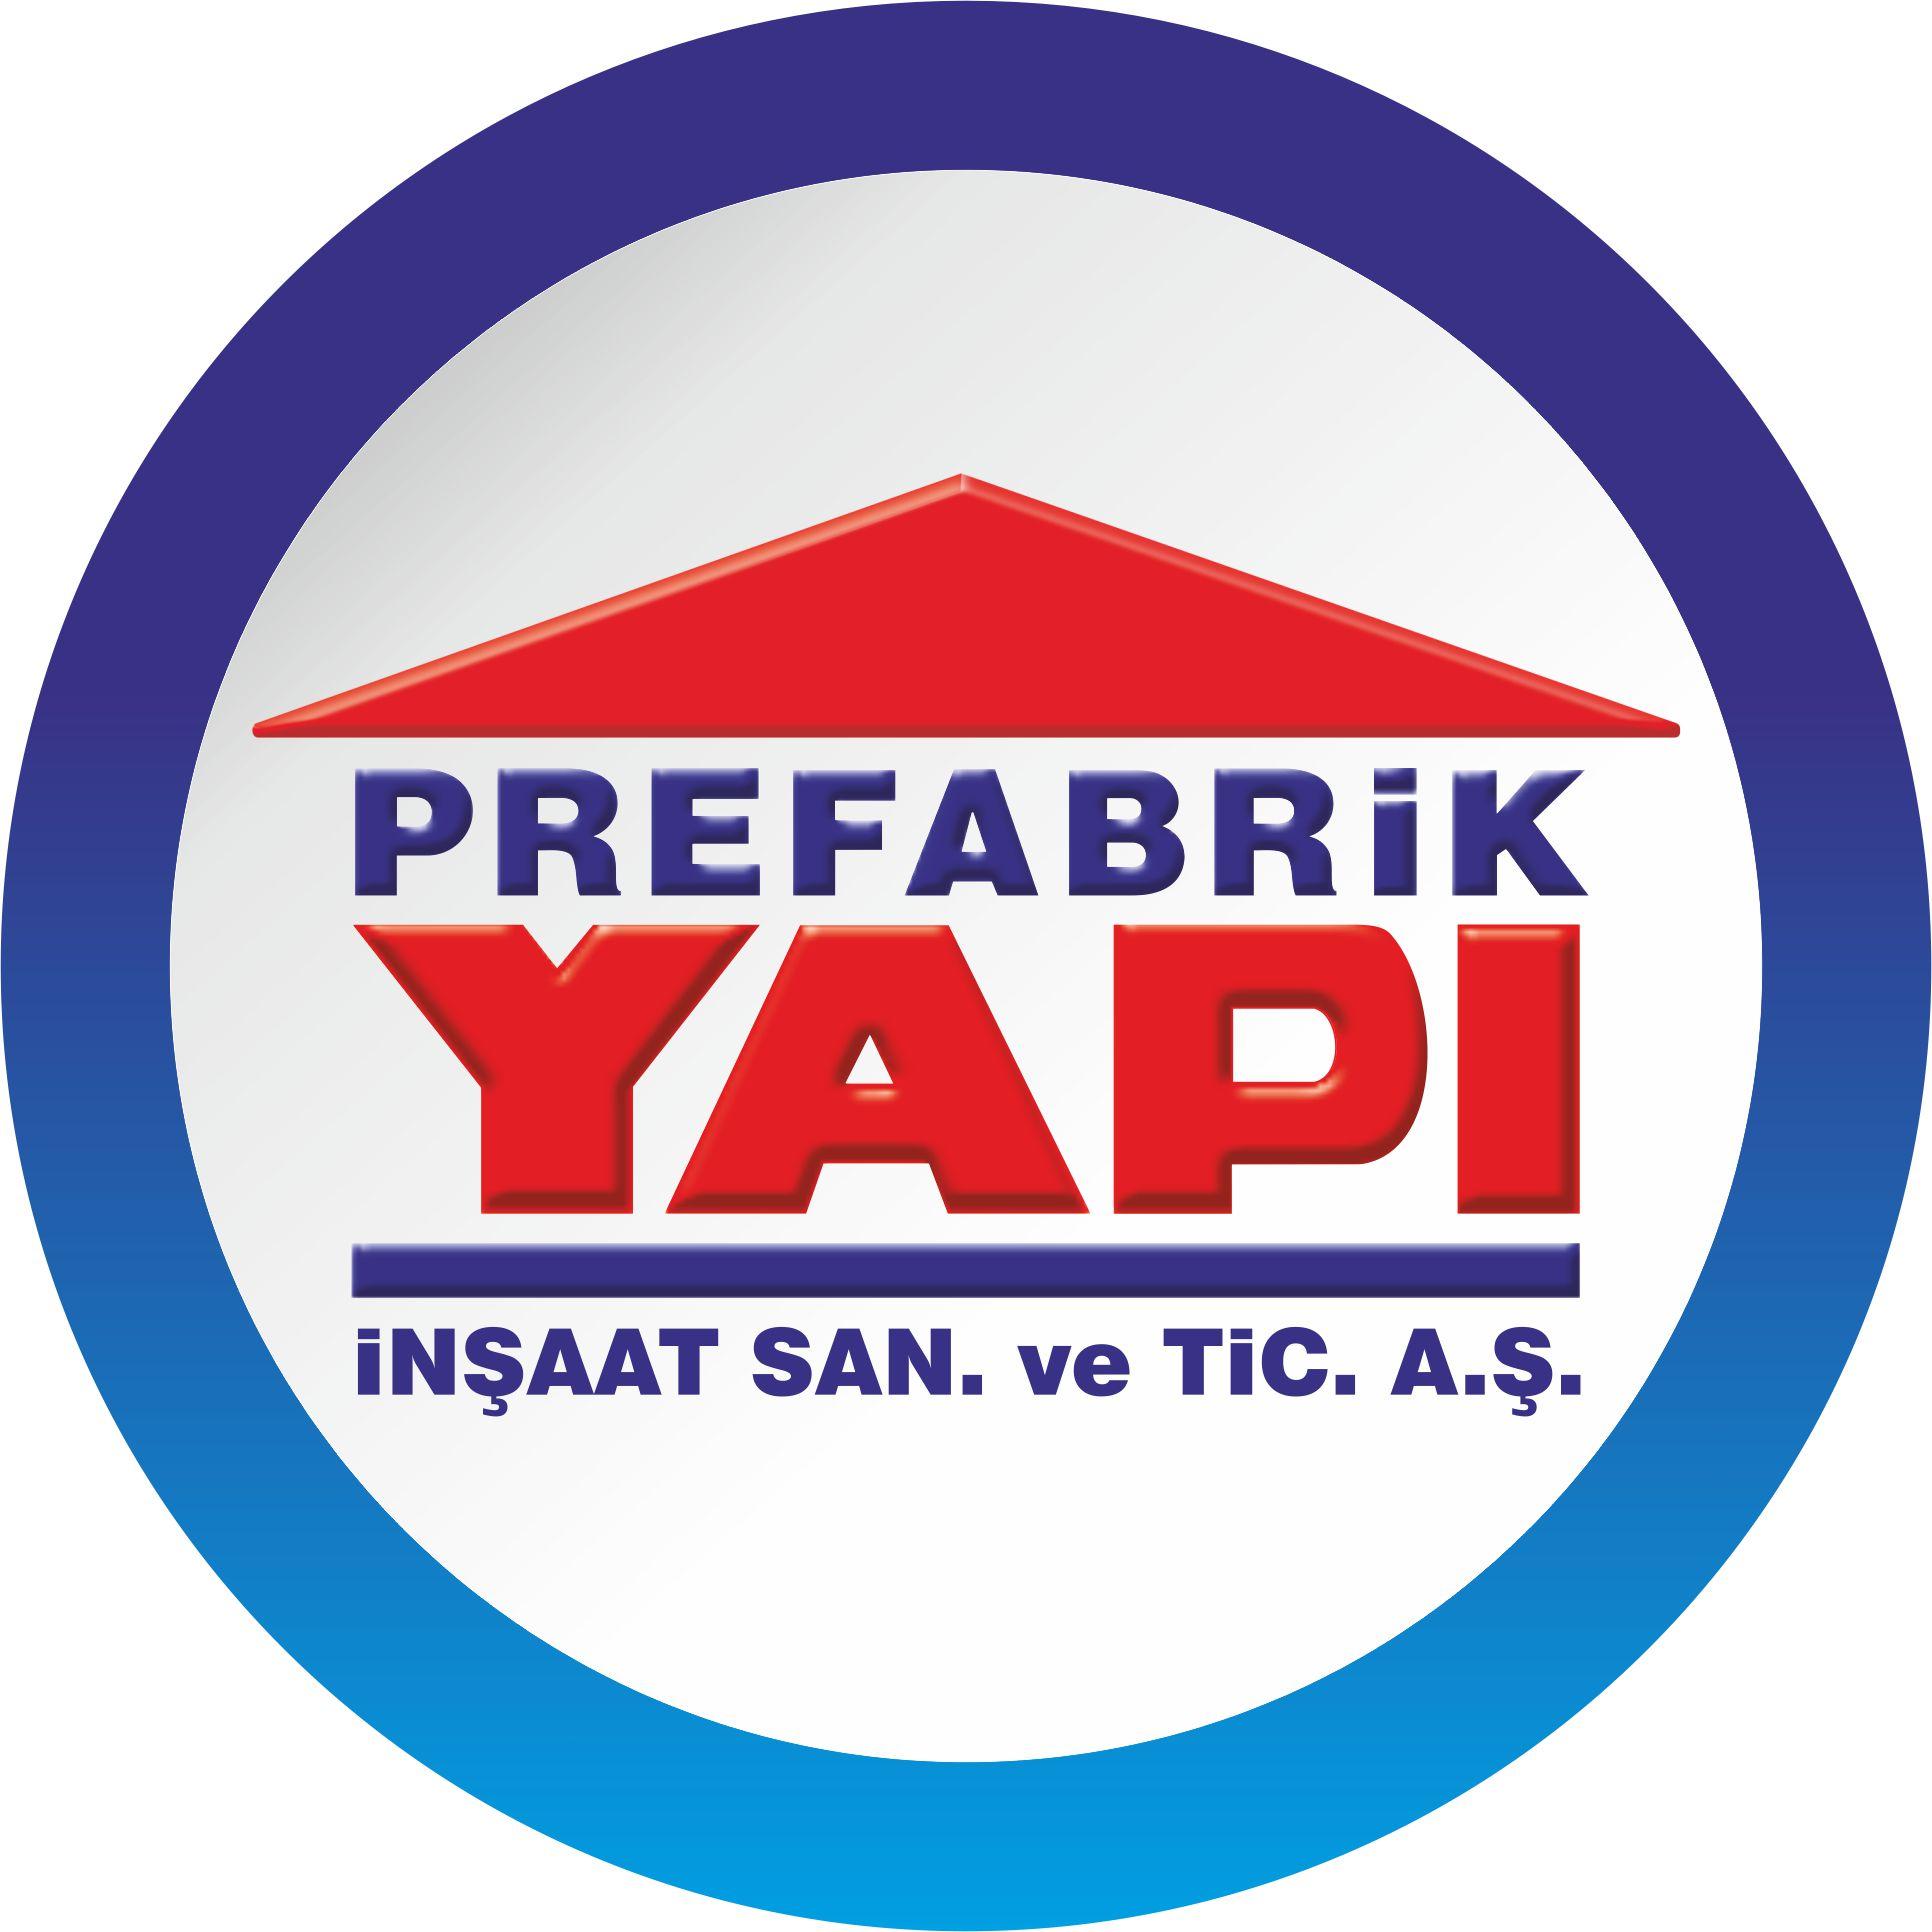 Prefabrik Yapi Insaat Sanayi ve Ticaret A.S.